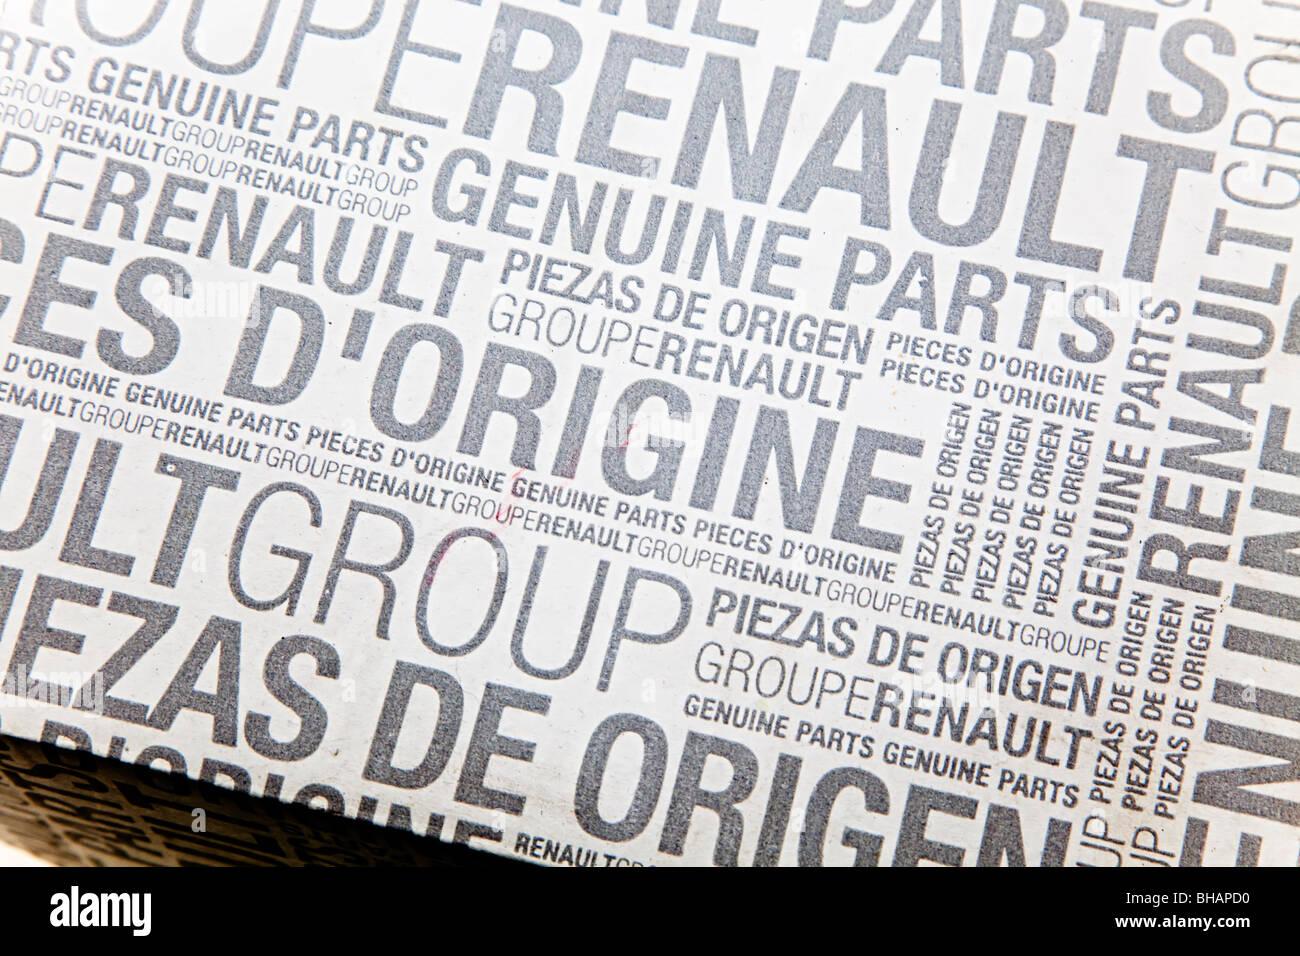 Voiture Renault emballage des pièces de rechange avec texte en français et anglais Photo Stock